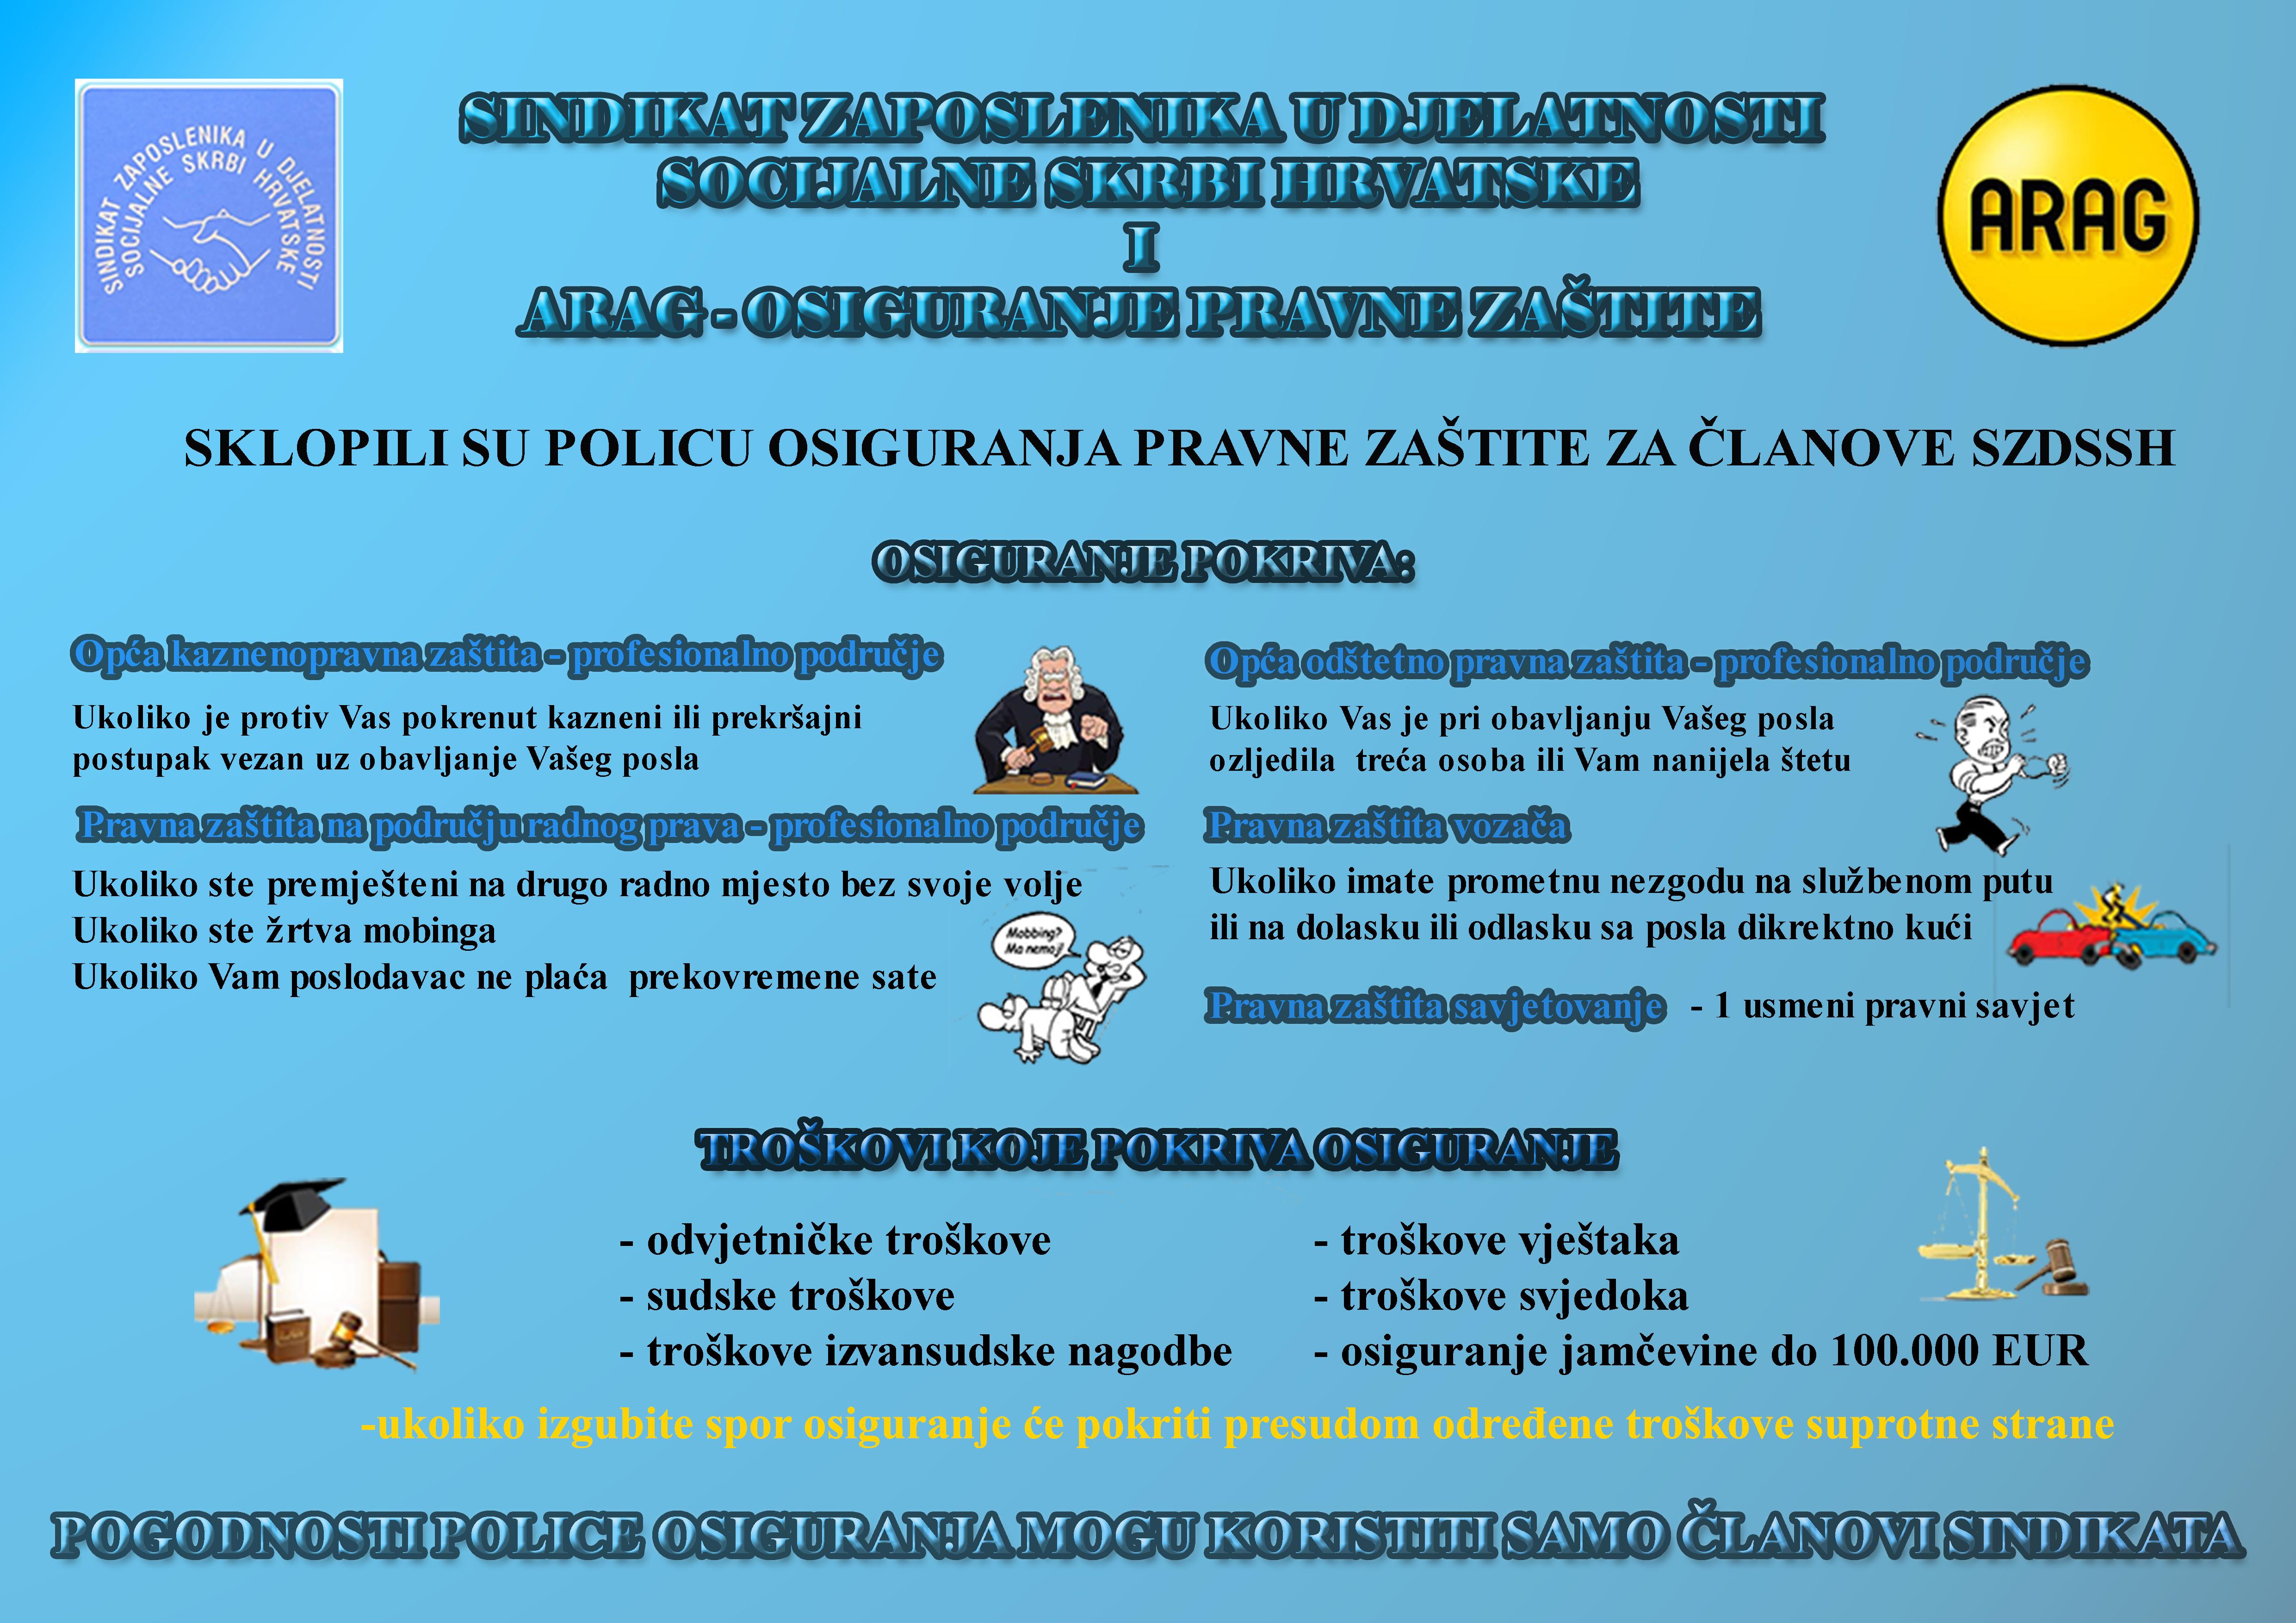 Posebna ponuda osiguranja za članove SZDSSH-a